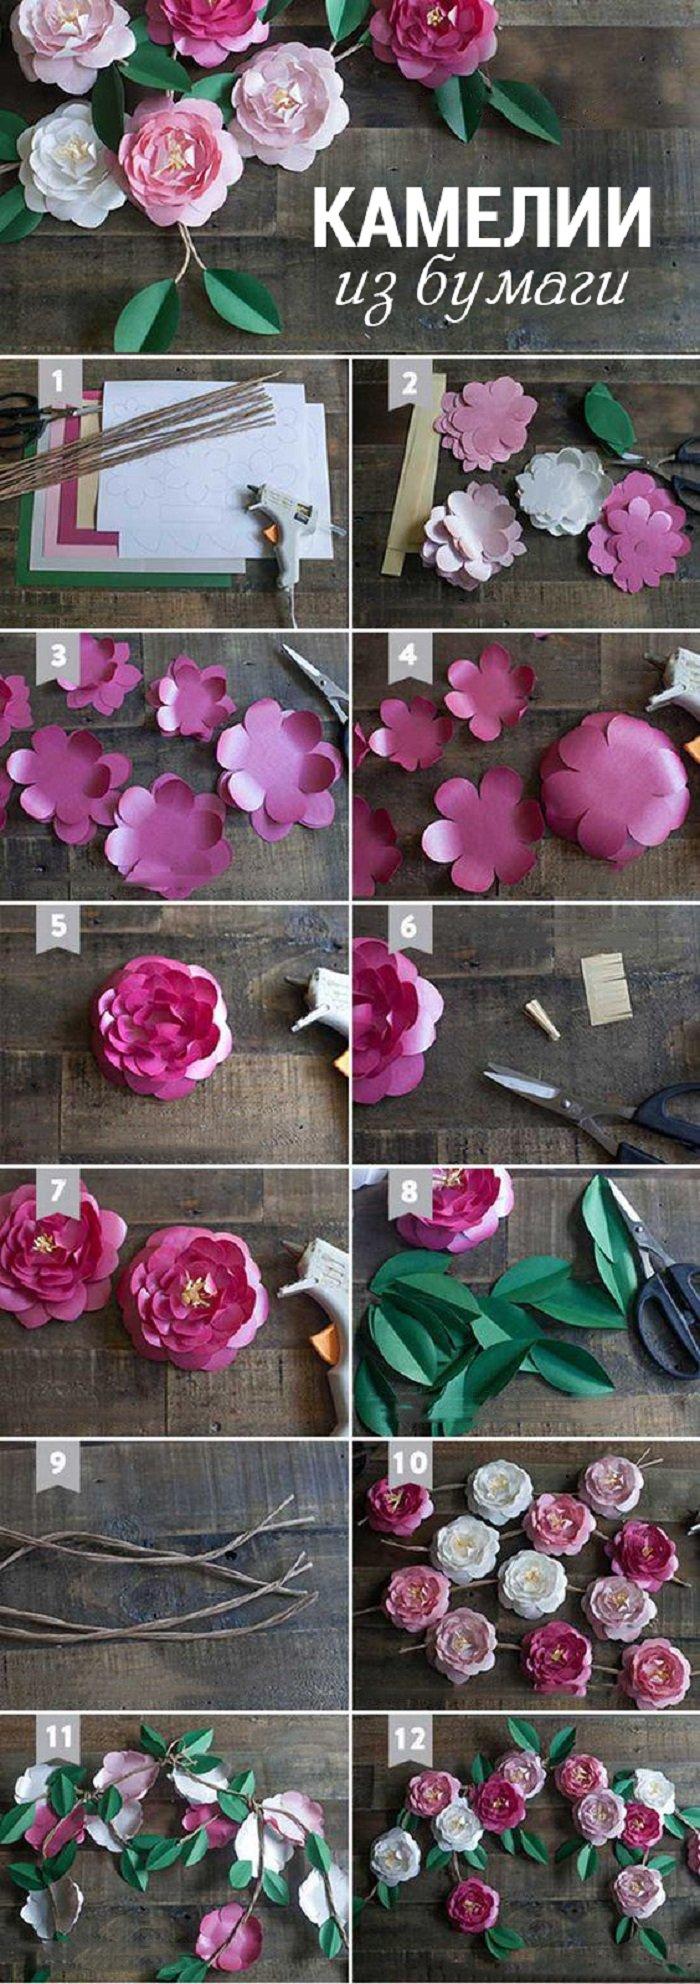 Объемные цветы из бумаги пошаговая инструкция фото